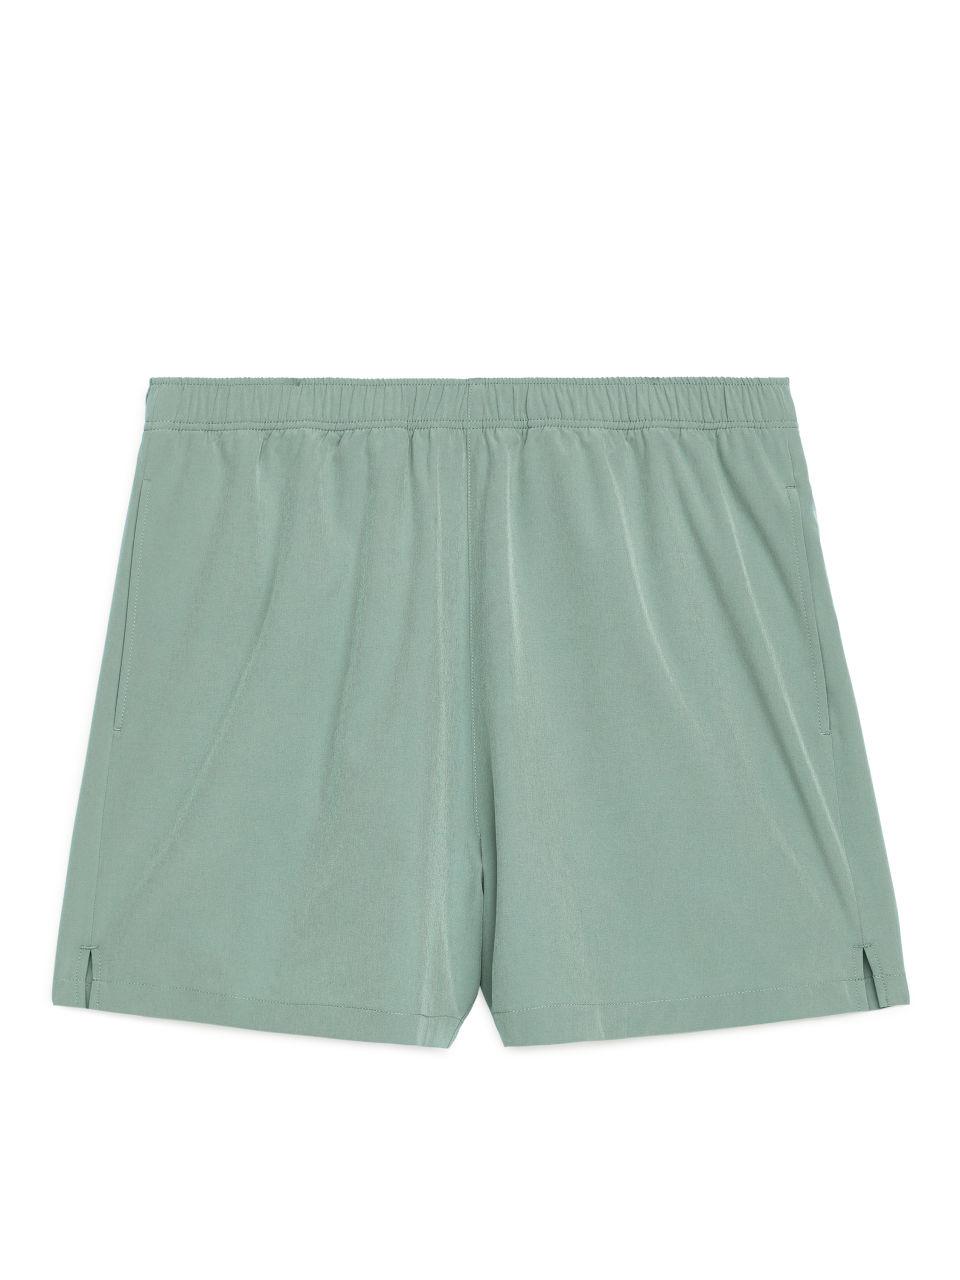 Training Shorts - Green